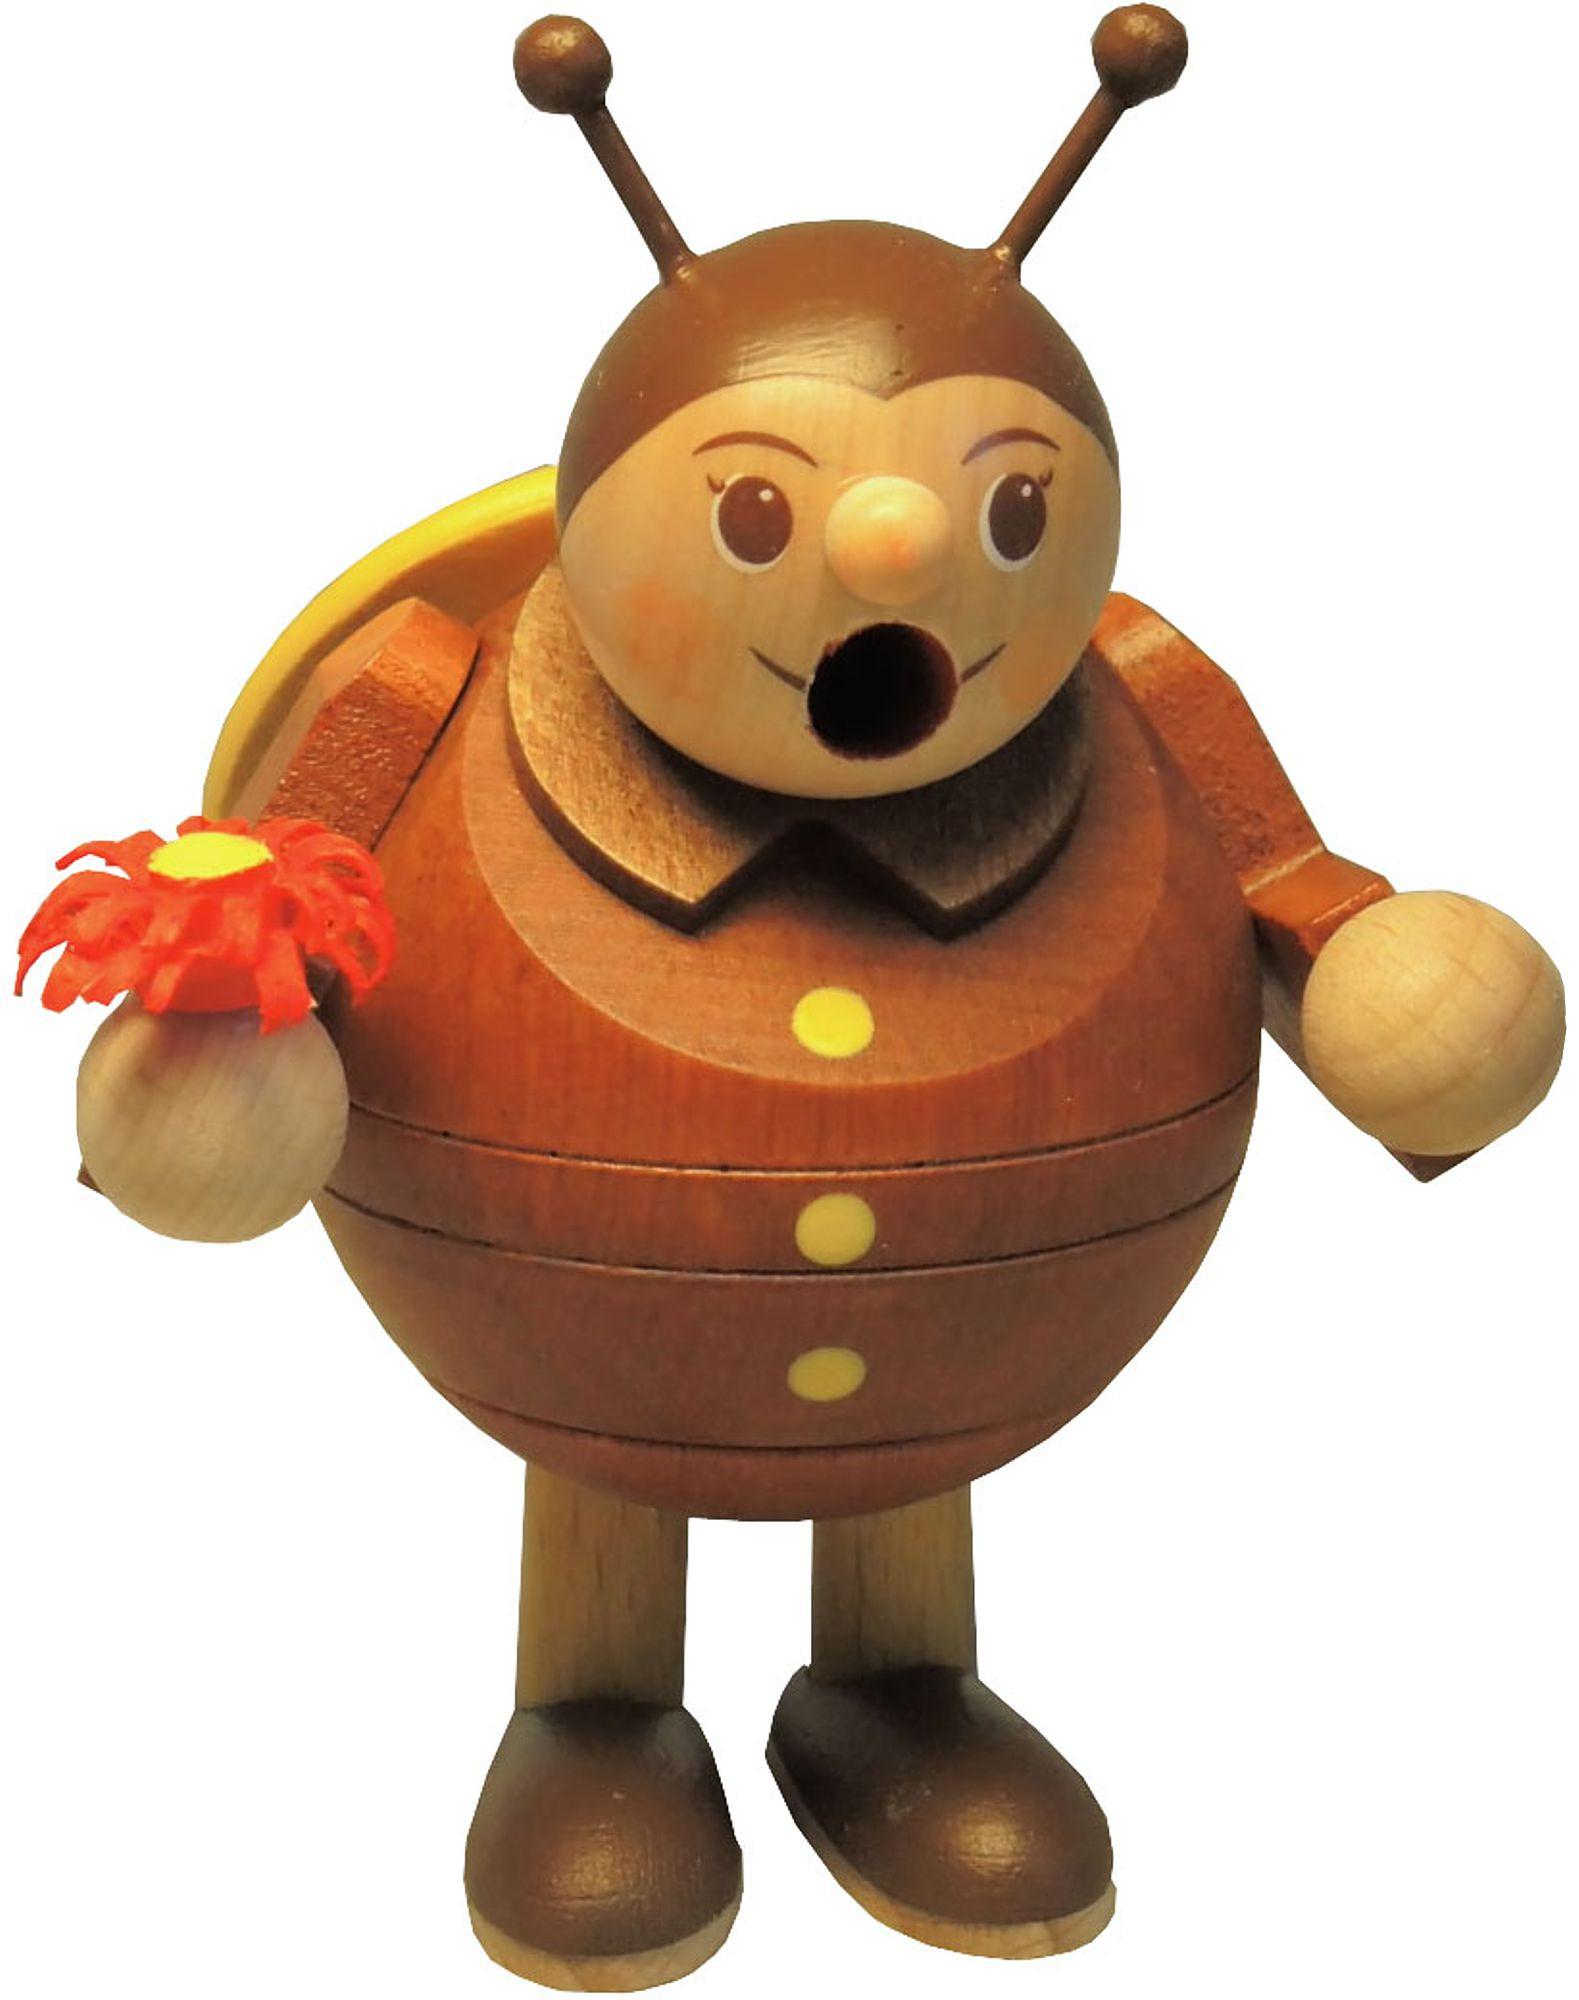 Richard Glässer Minikugelräucherfigur - Kartoffelkäfer